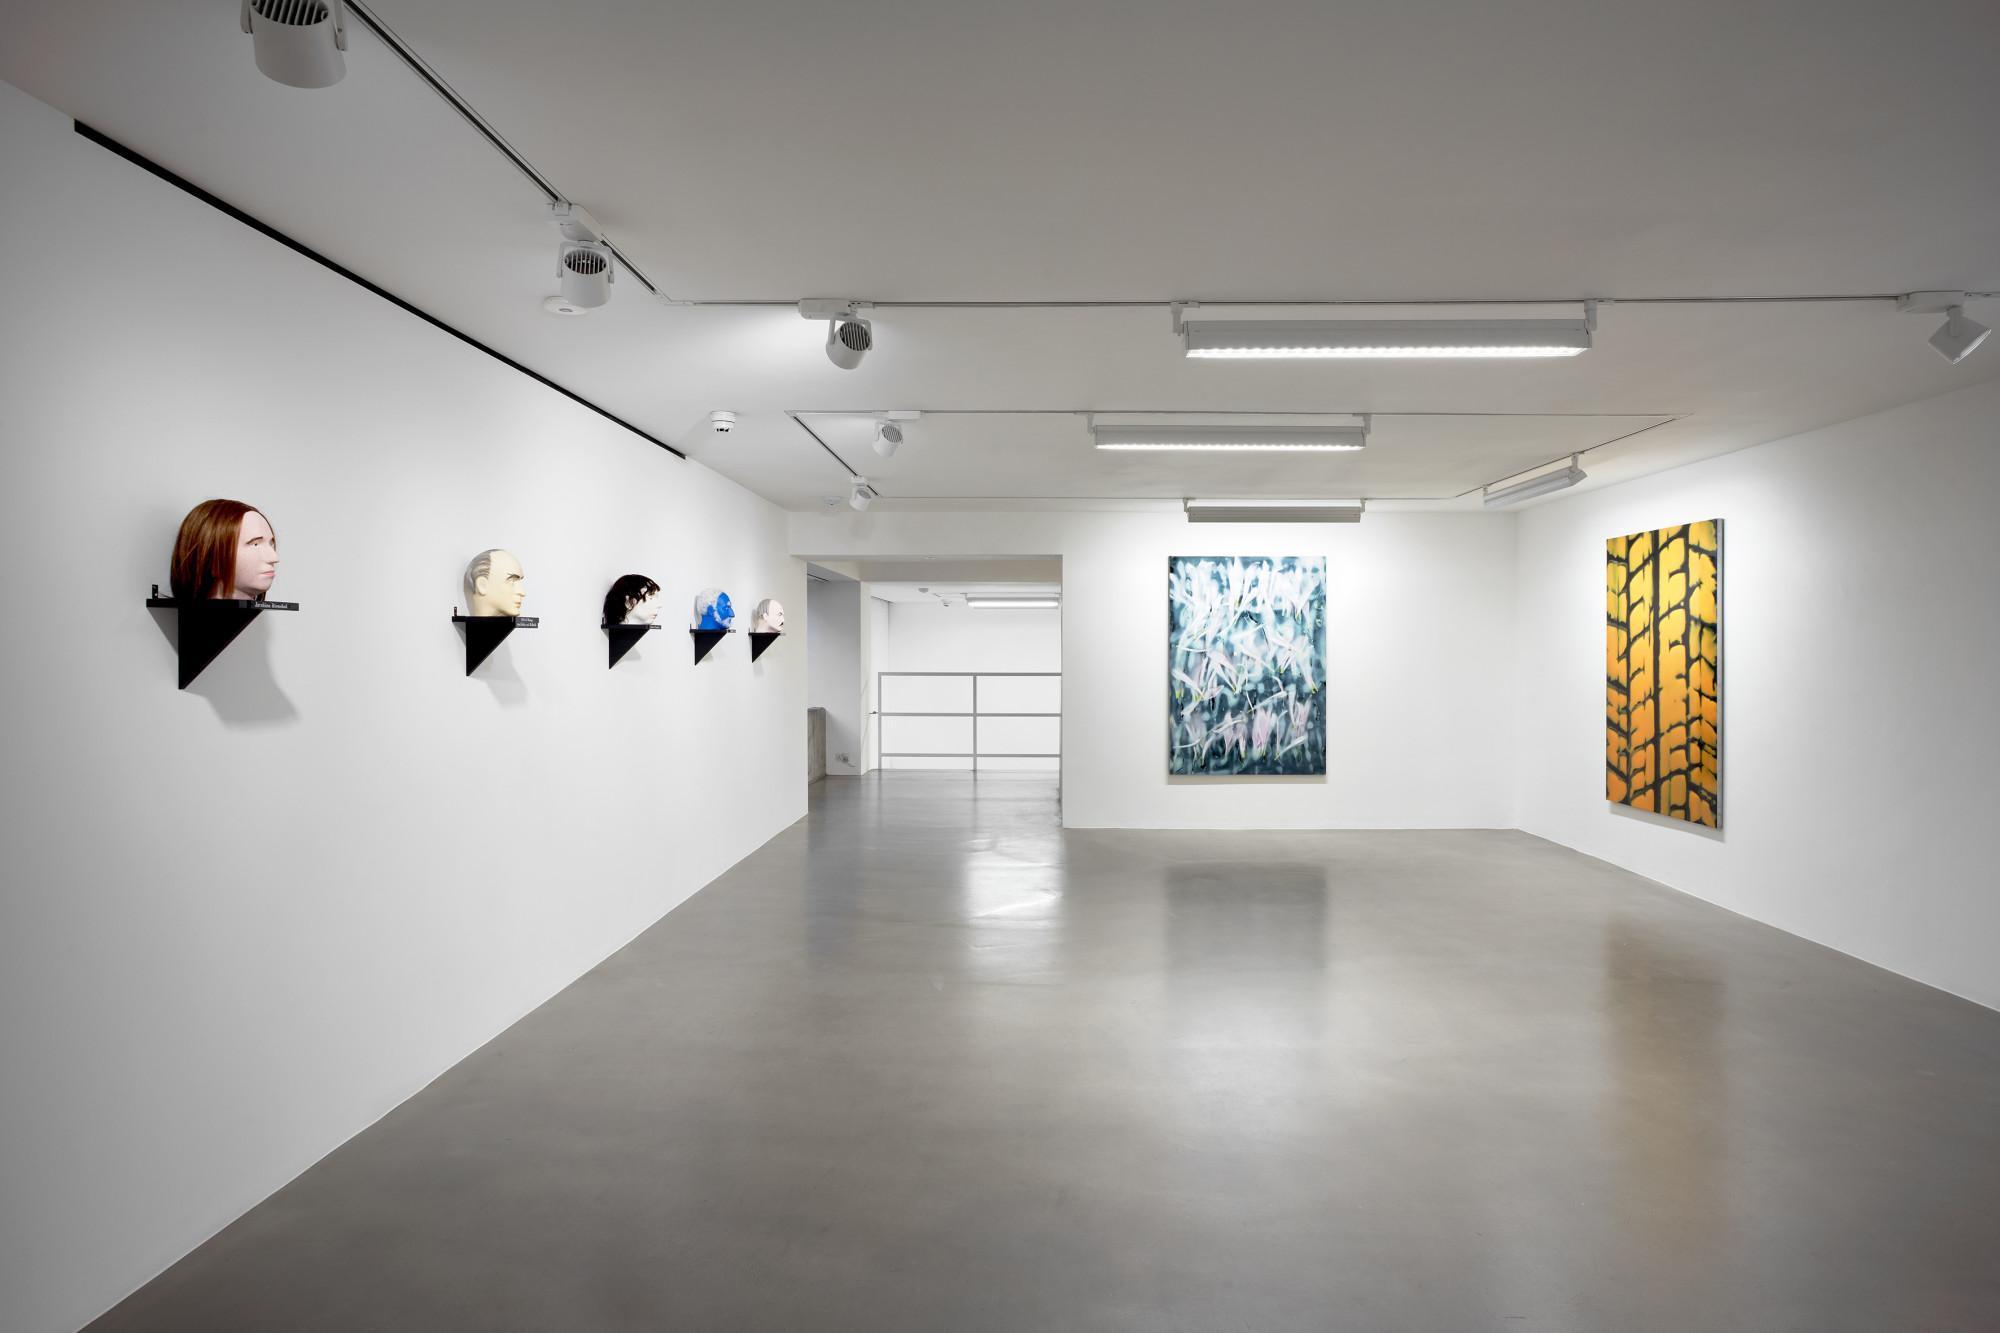 <p>Installation view, dépendance, Jos de Gruyter & Harald Thys, Lucie Stahl, 1 Davies Street, 2020</p><p>Photo by Robert Glowacki</p>